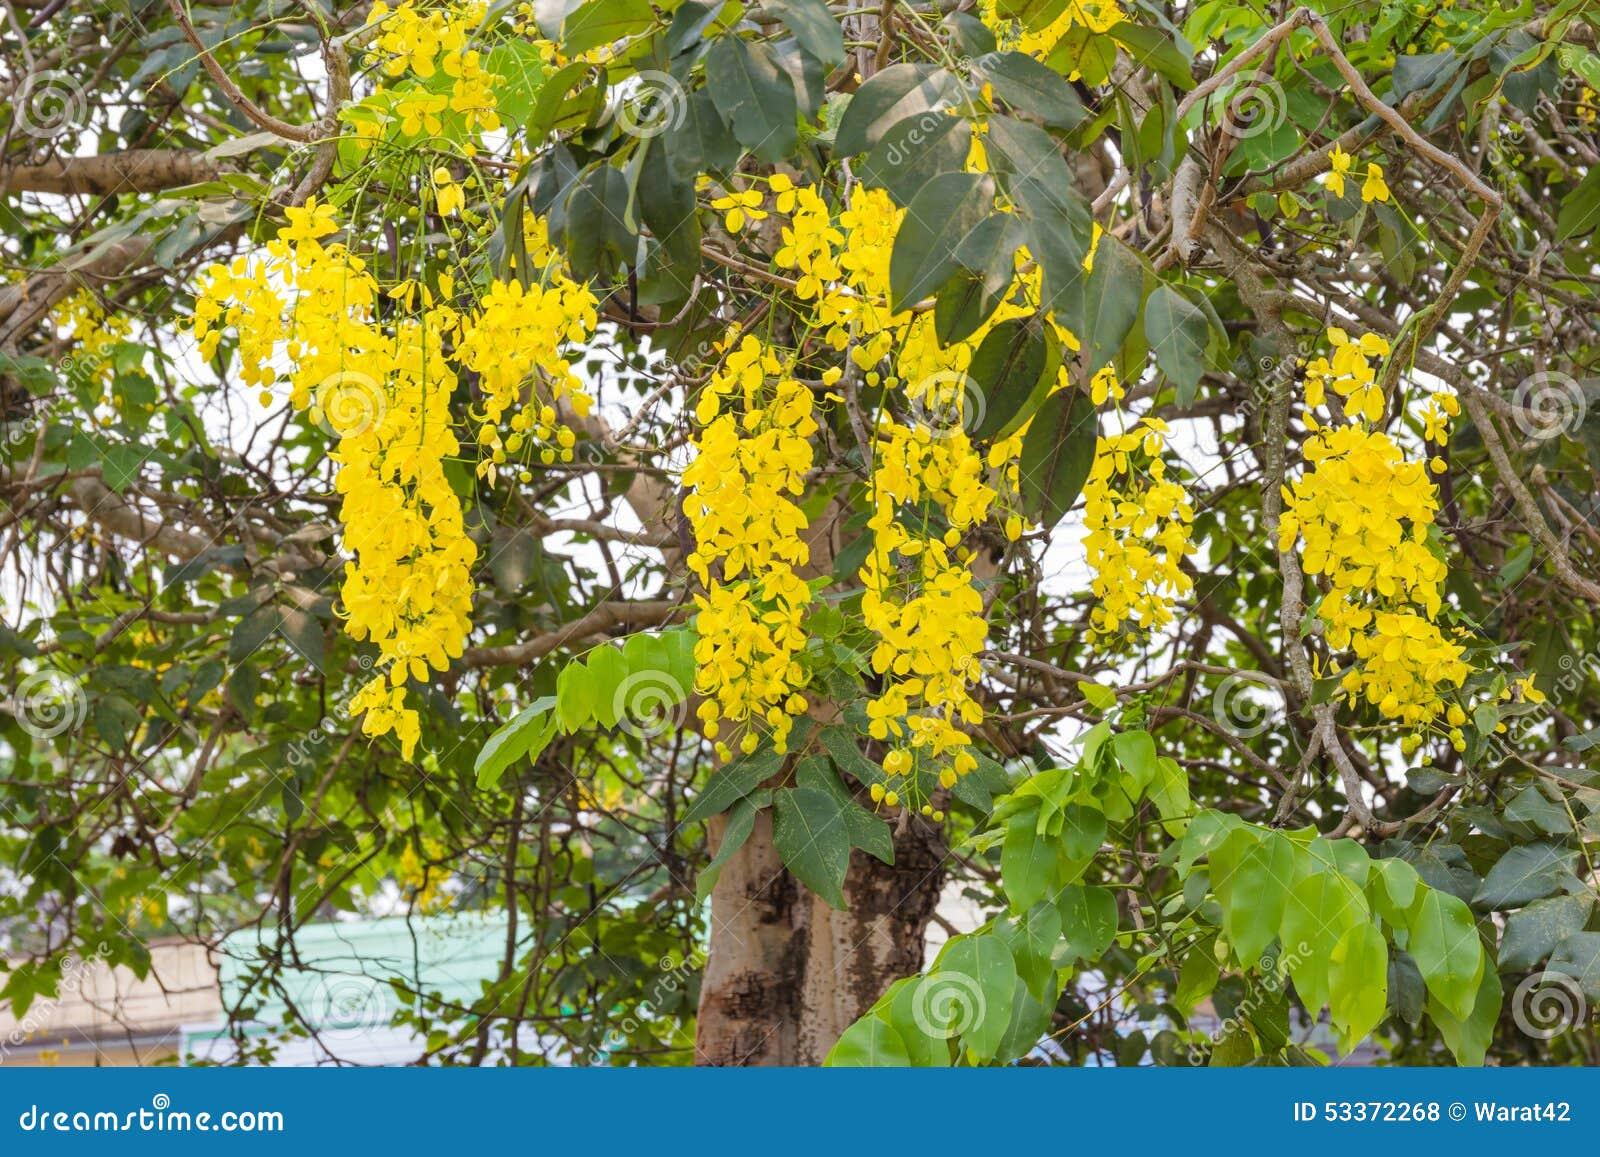 Chuveiro ou cassia fistula dourada rvore nacional de for Arboles perennes de crecimiento rapido